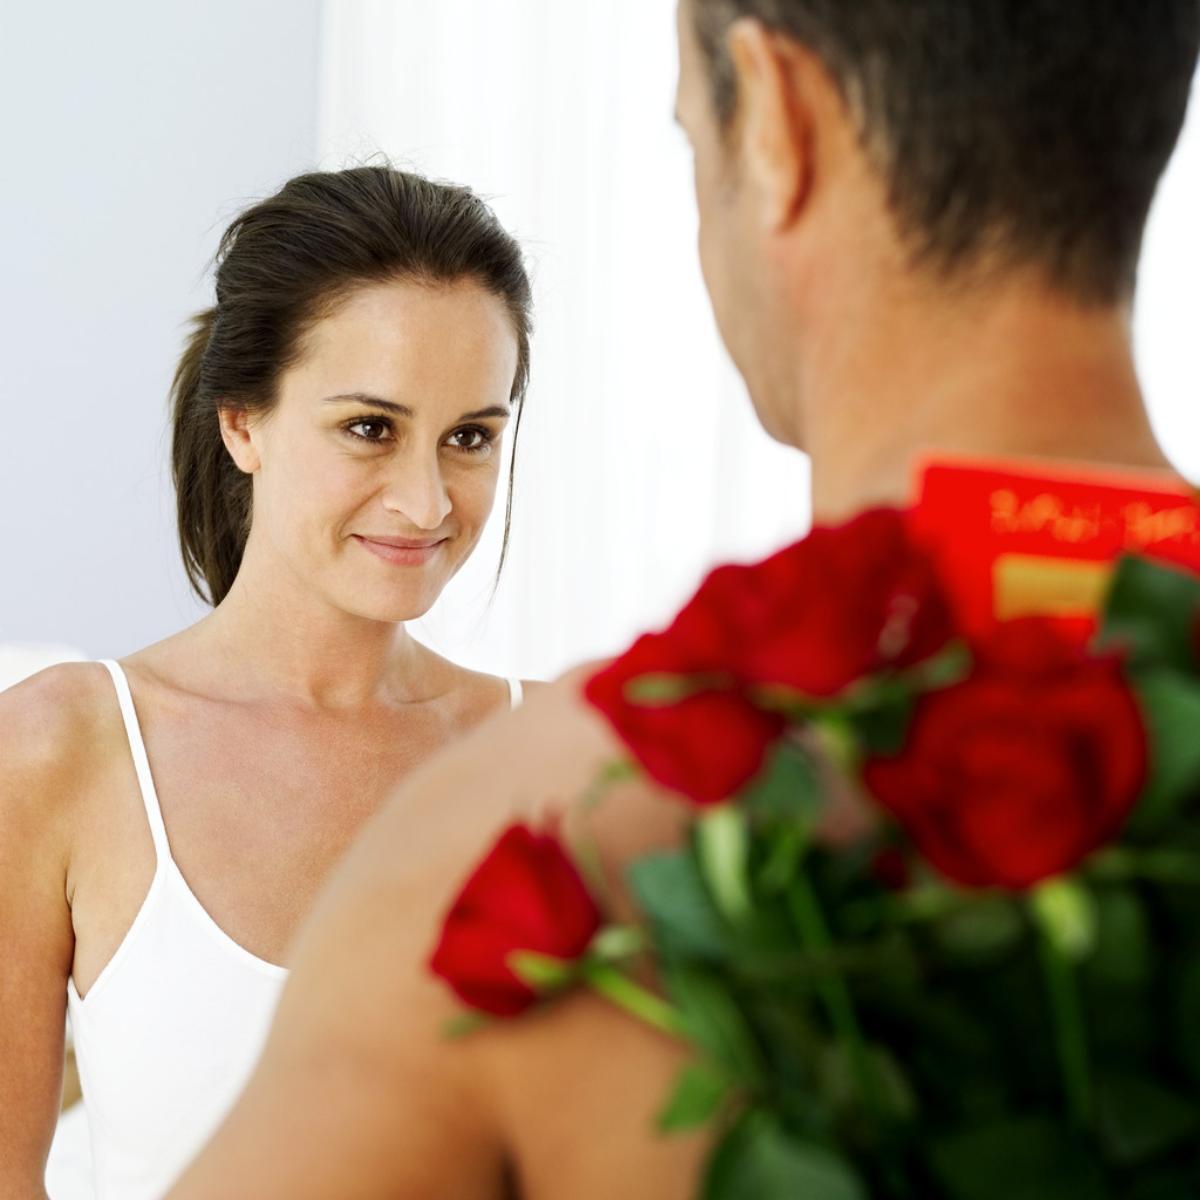 Годовщина свадьбы 1 год поздравления мужу в стихах 12